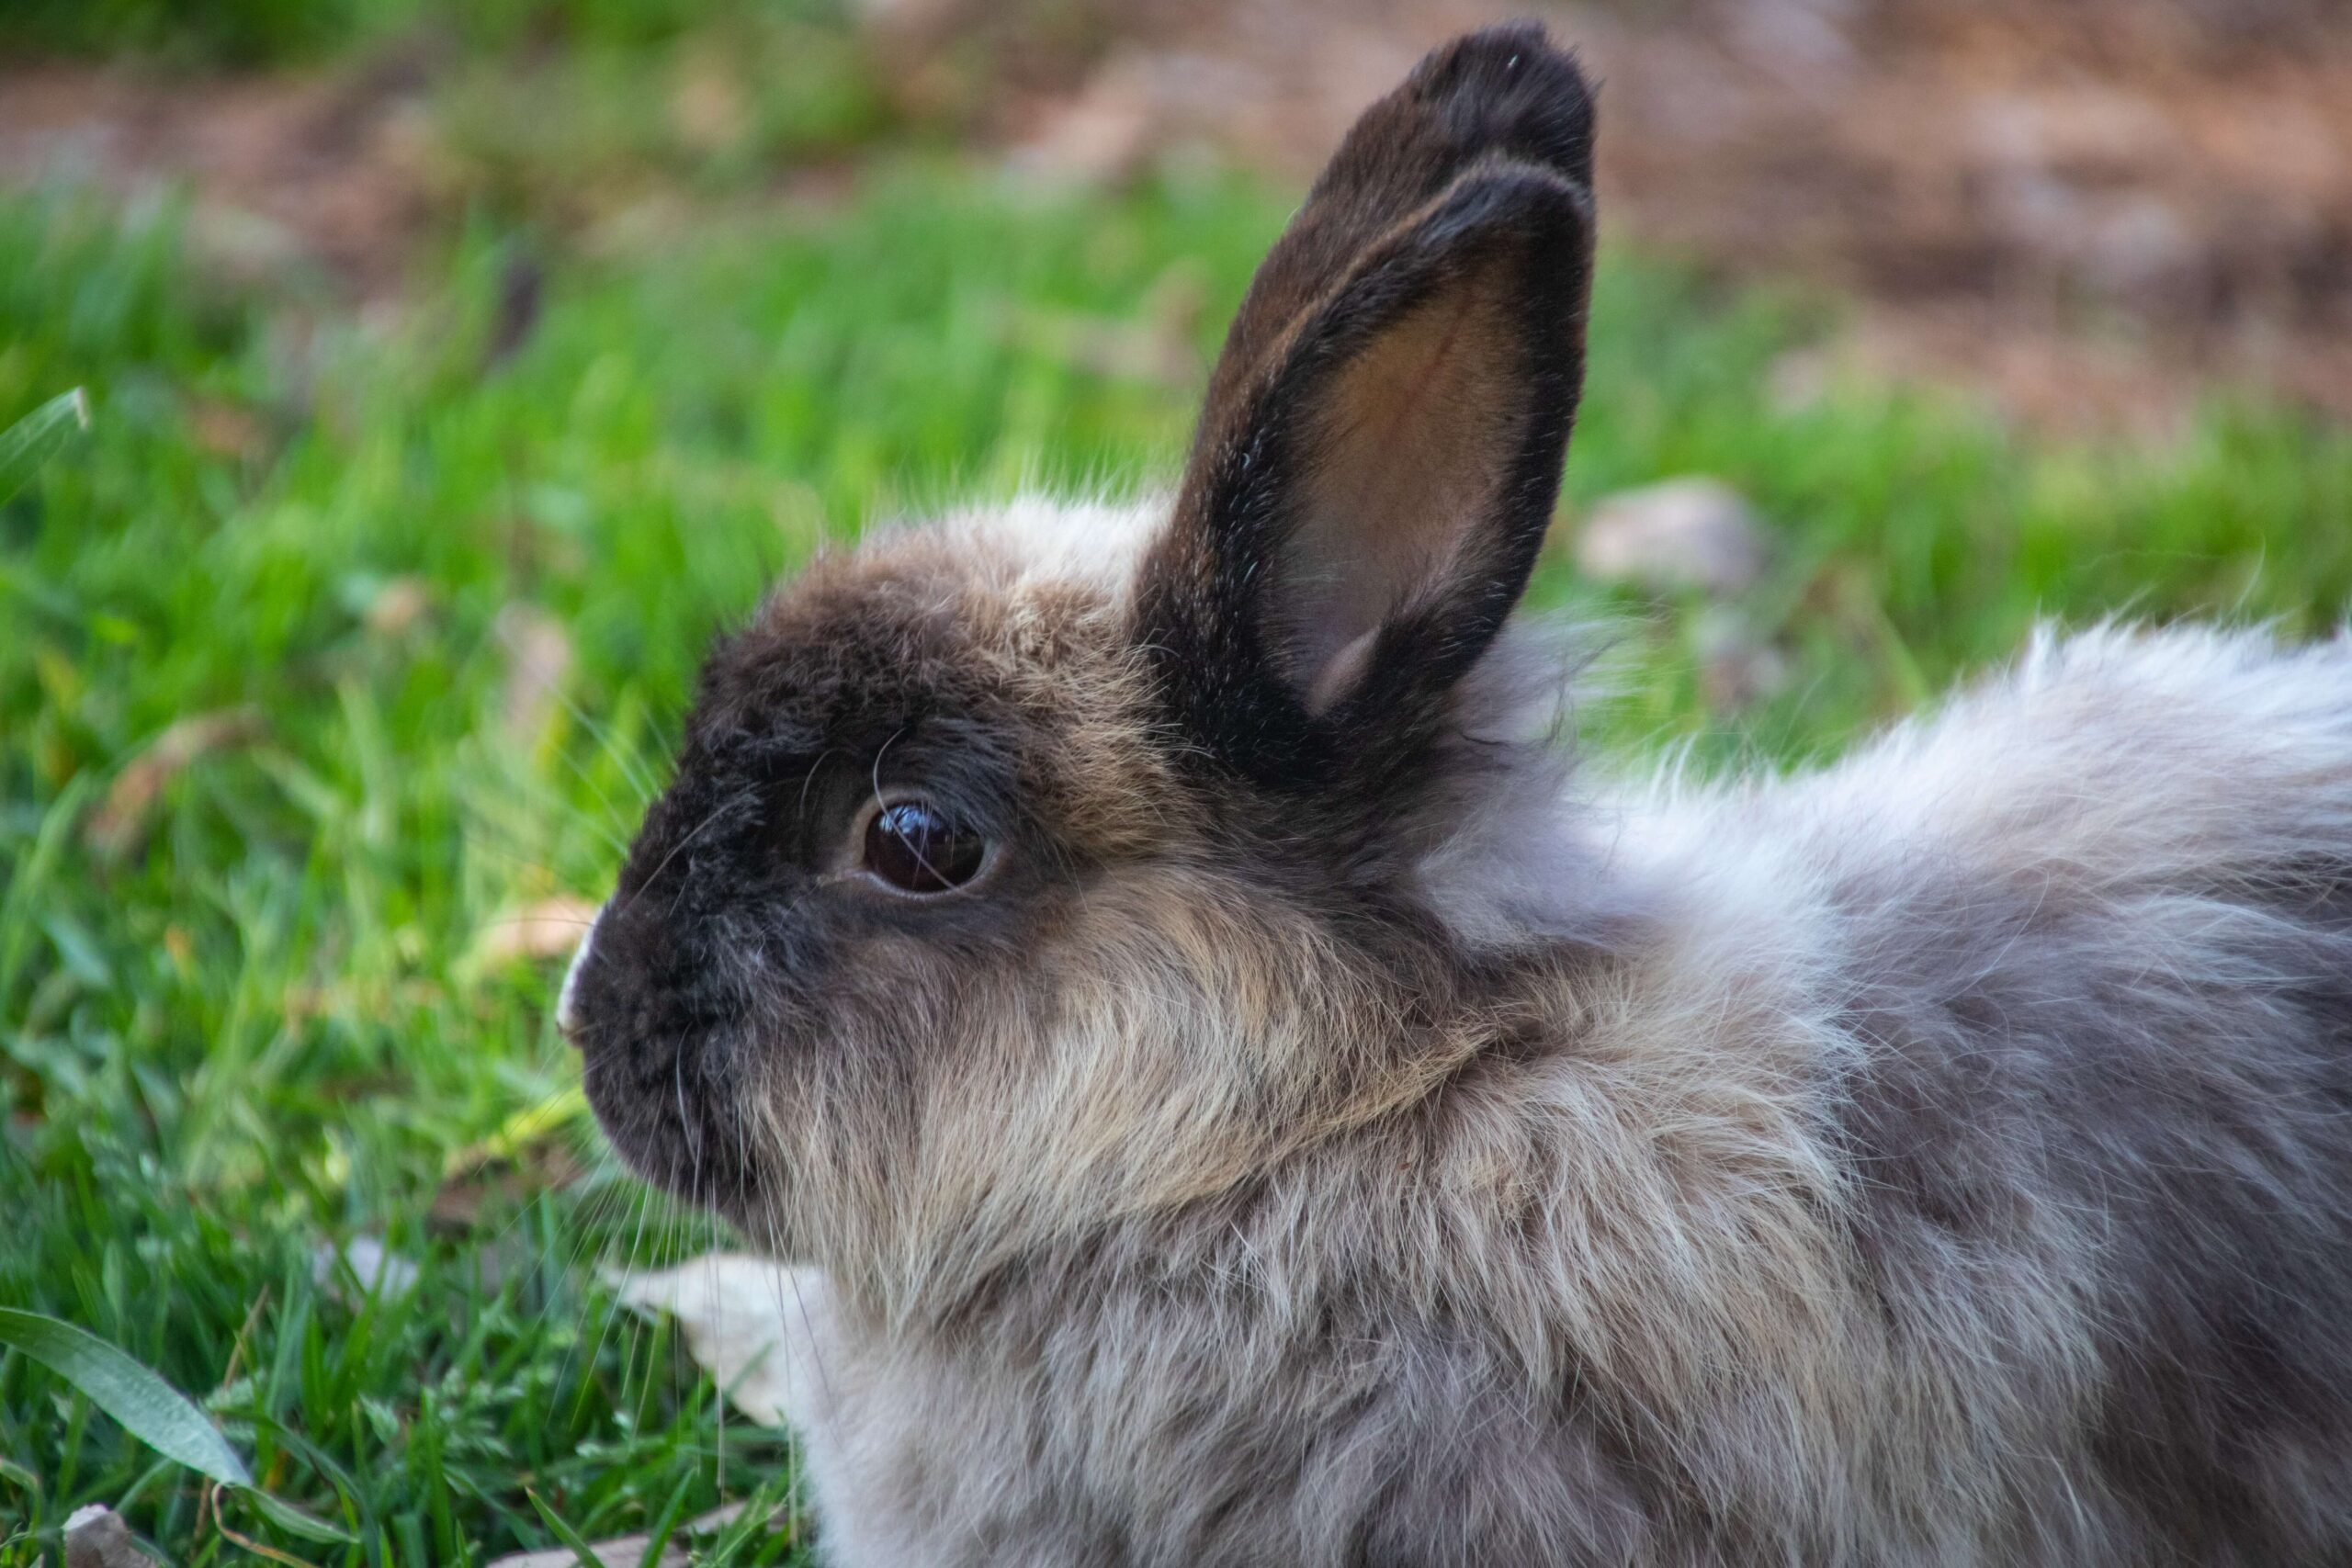 نزيف من أنف للأرانب